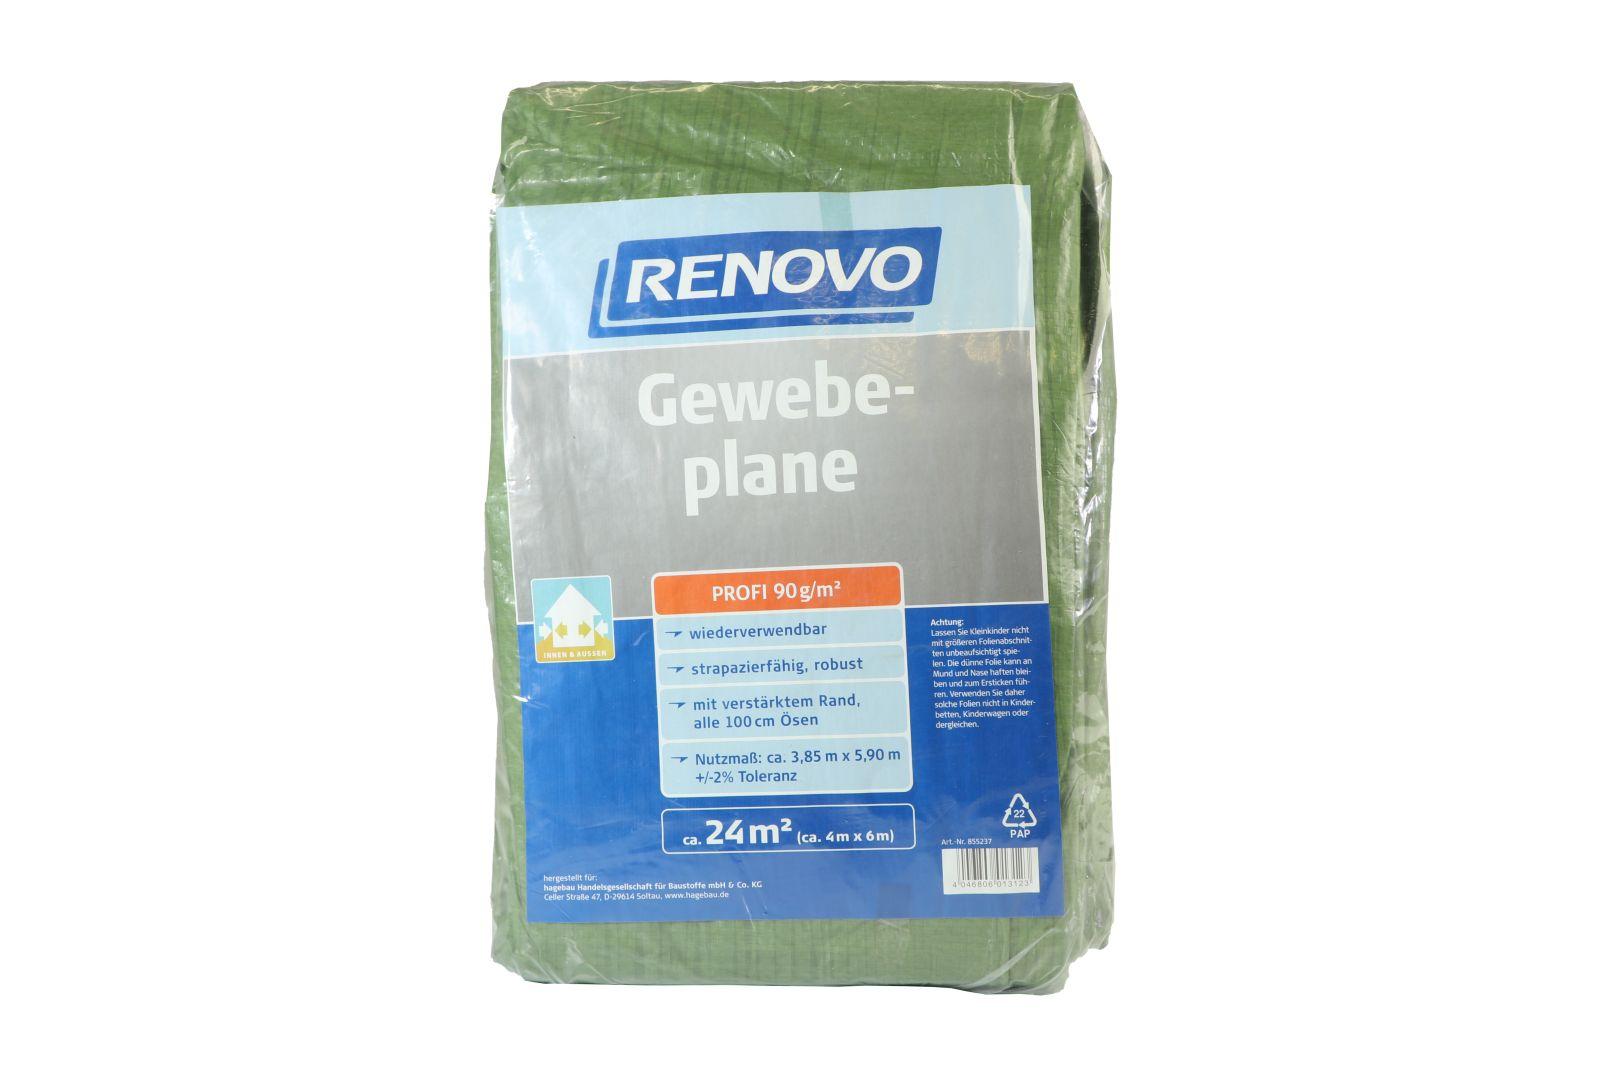 RENOVO Gewebeplane Profi, grün, mit Ösen, 6 x 4 m